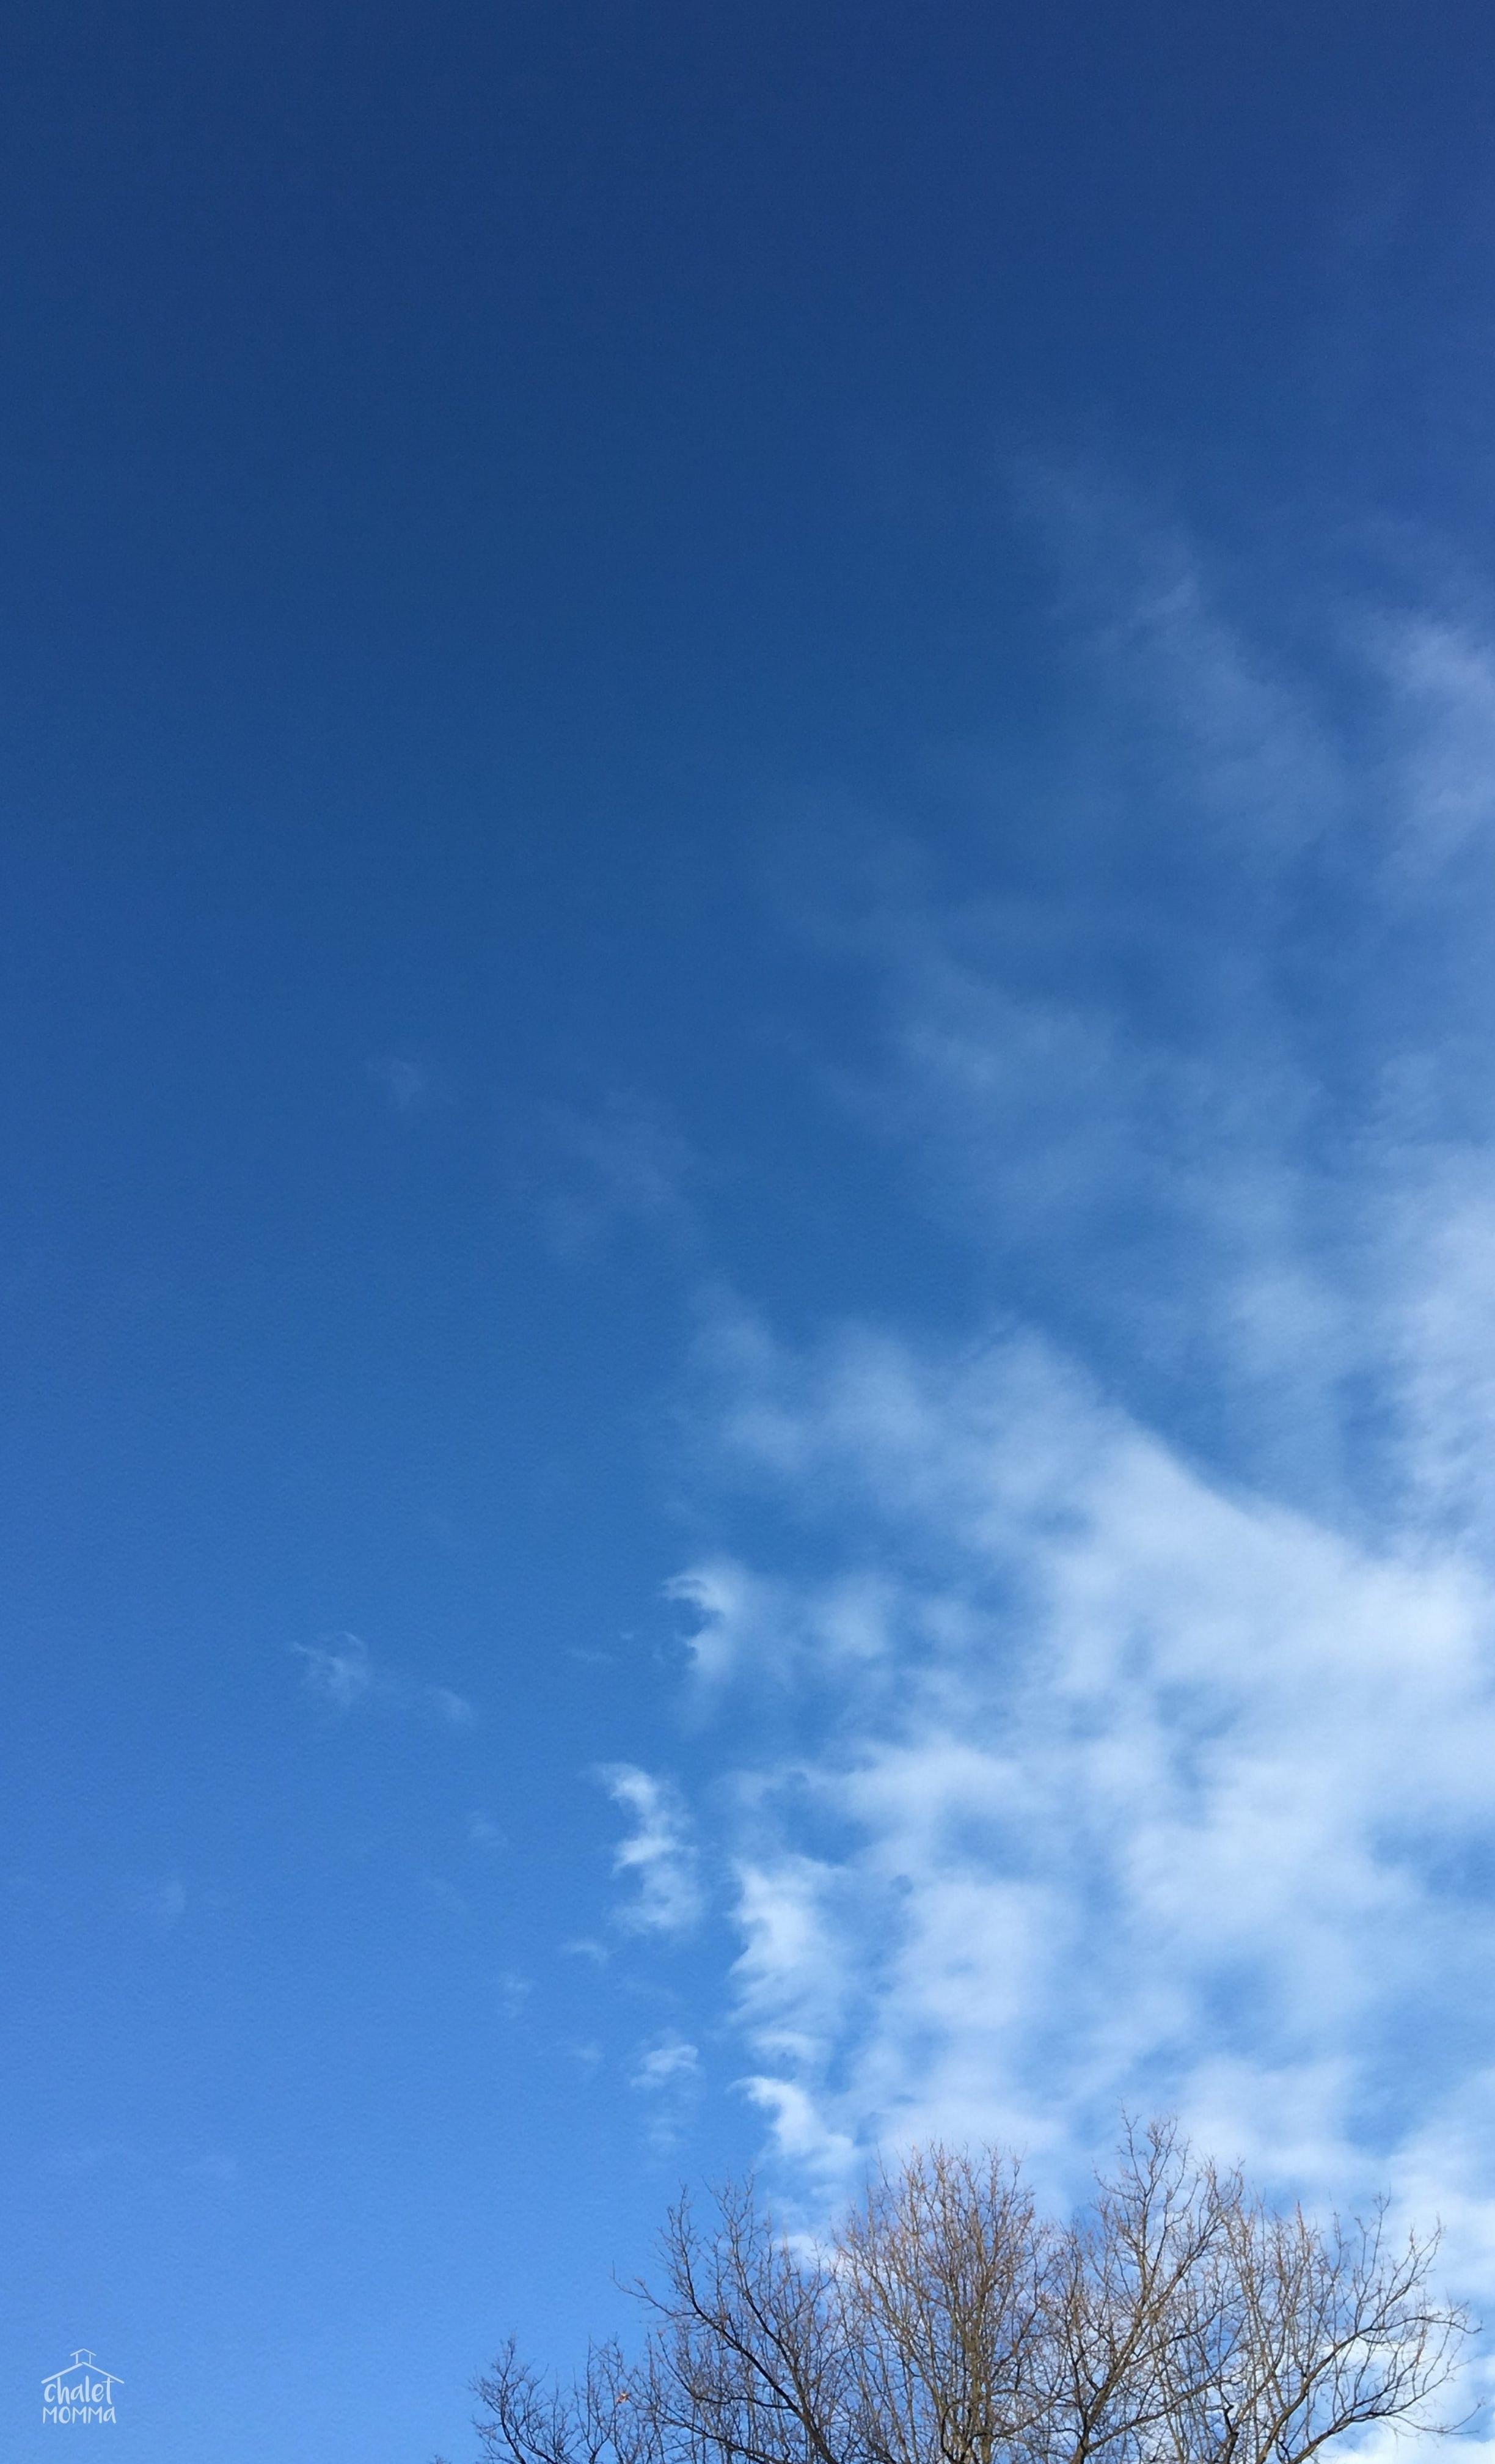 clouds in the sky 2-15-18.JPG